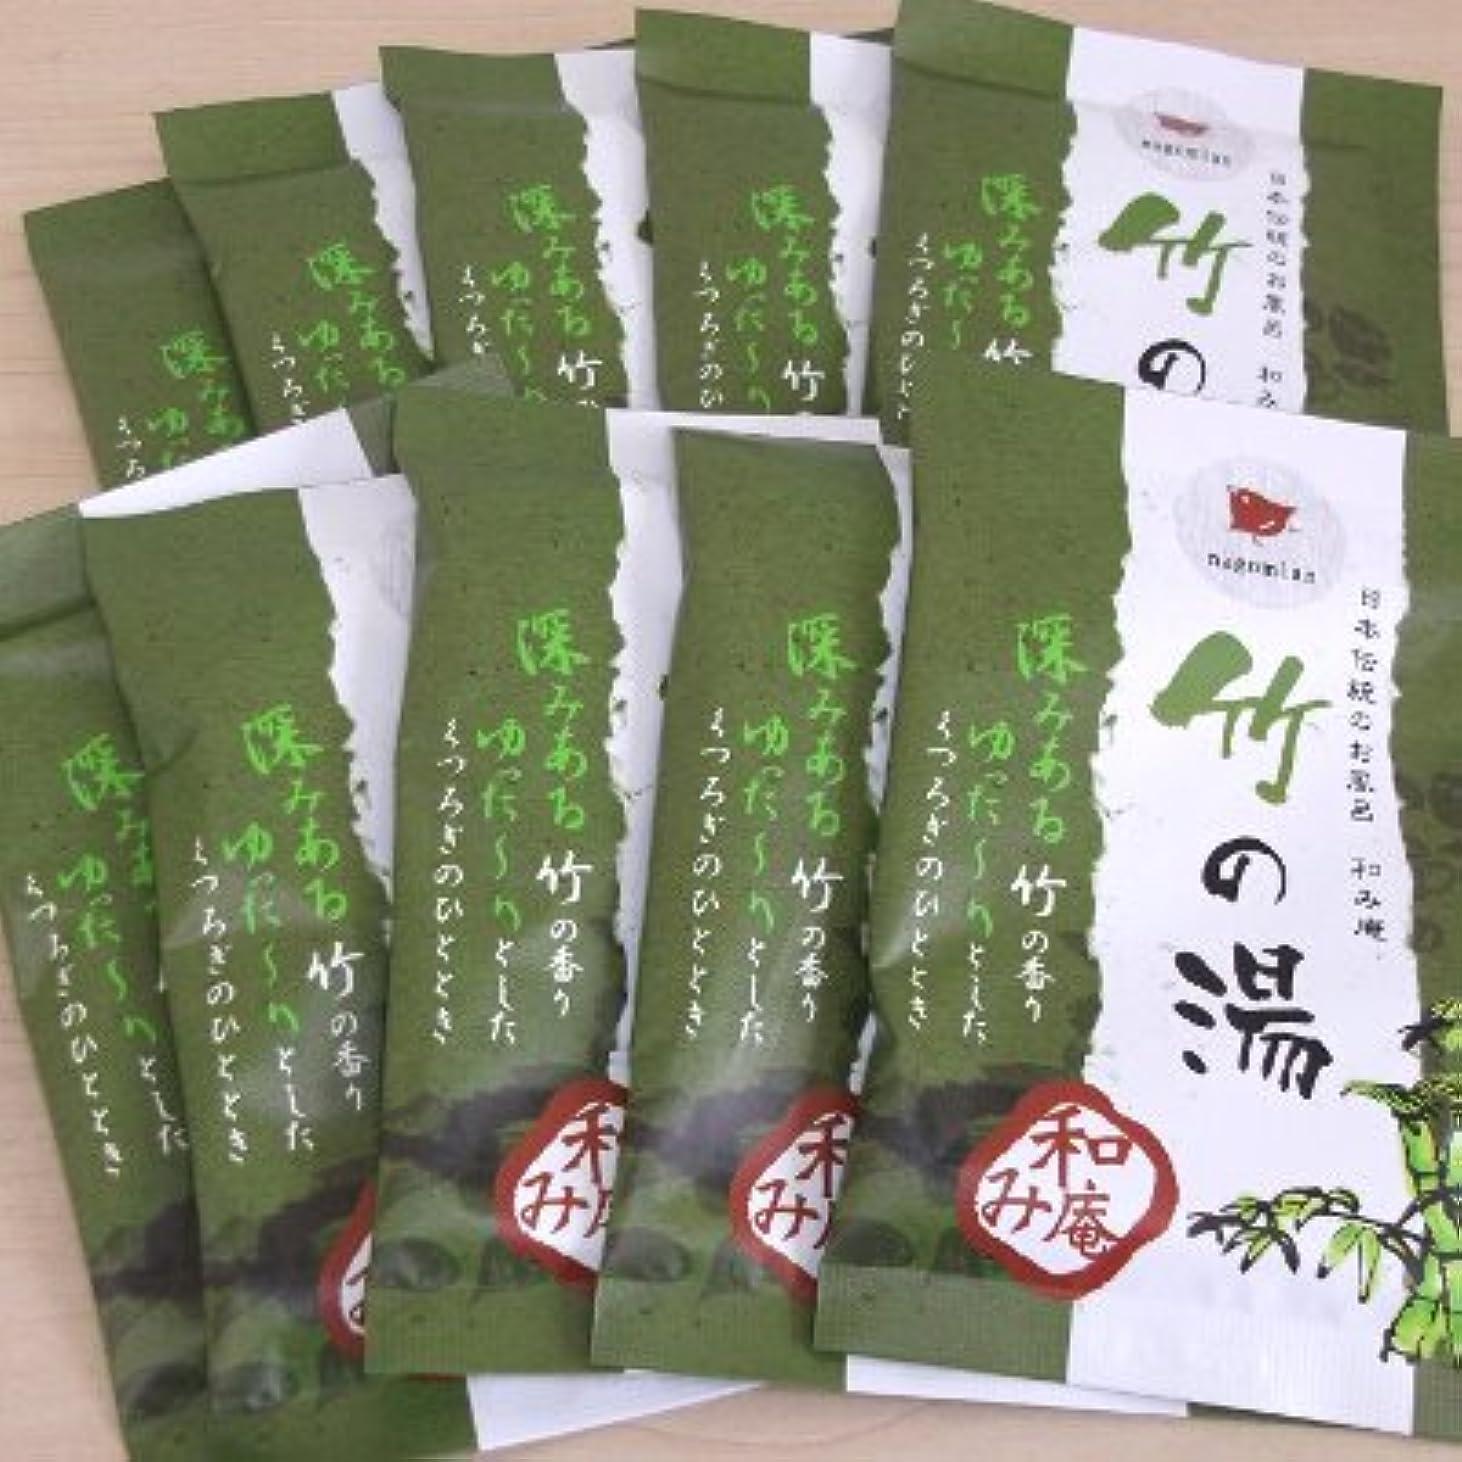 憎しみ脚規制する和み庵 竹の湯 10包セット